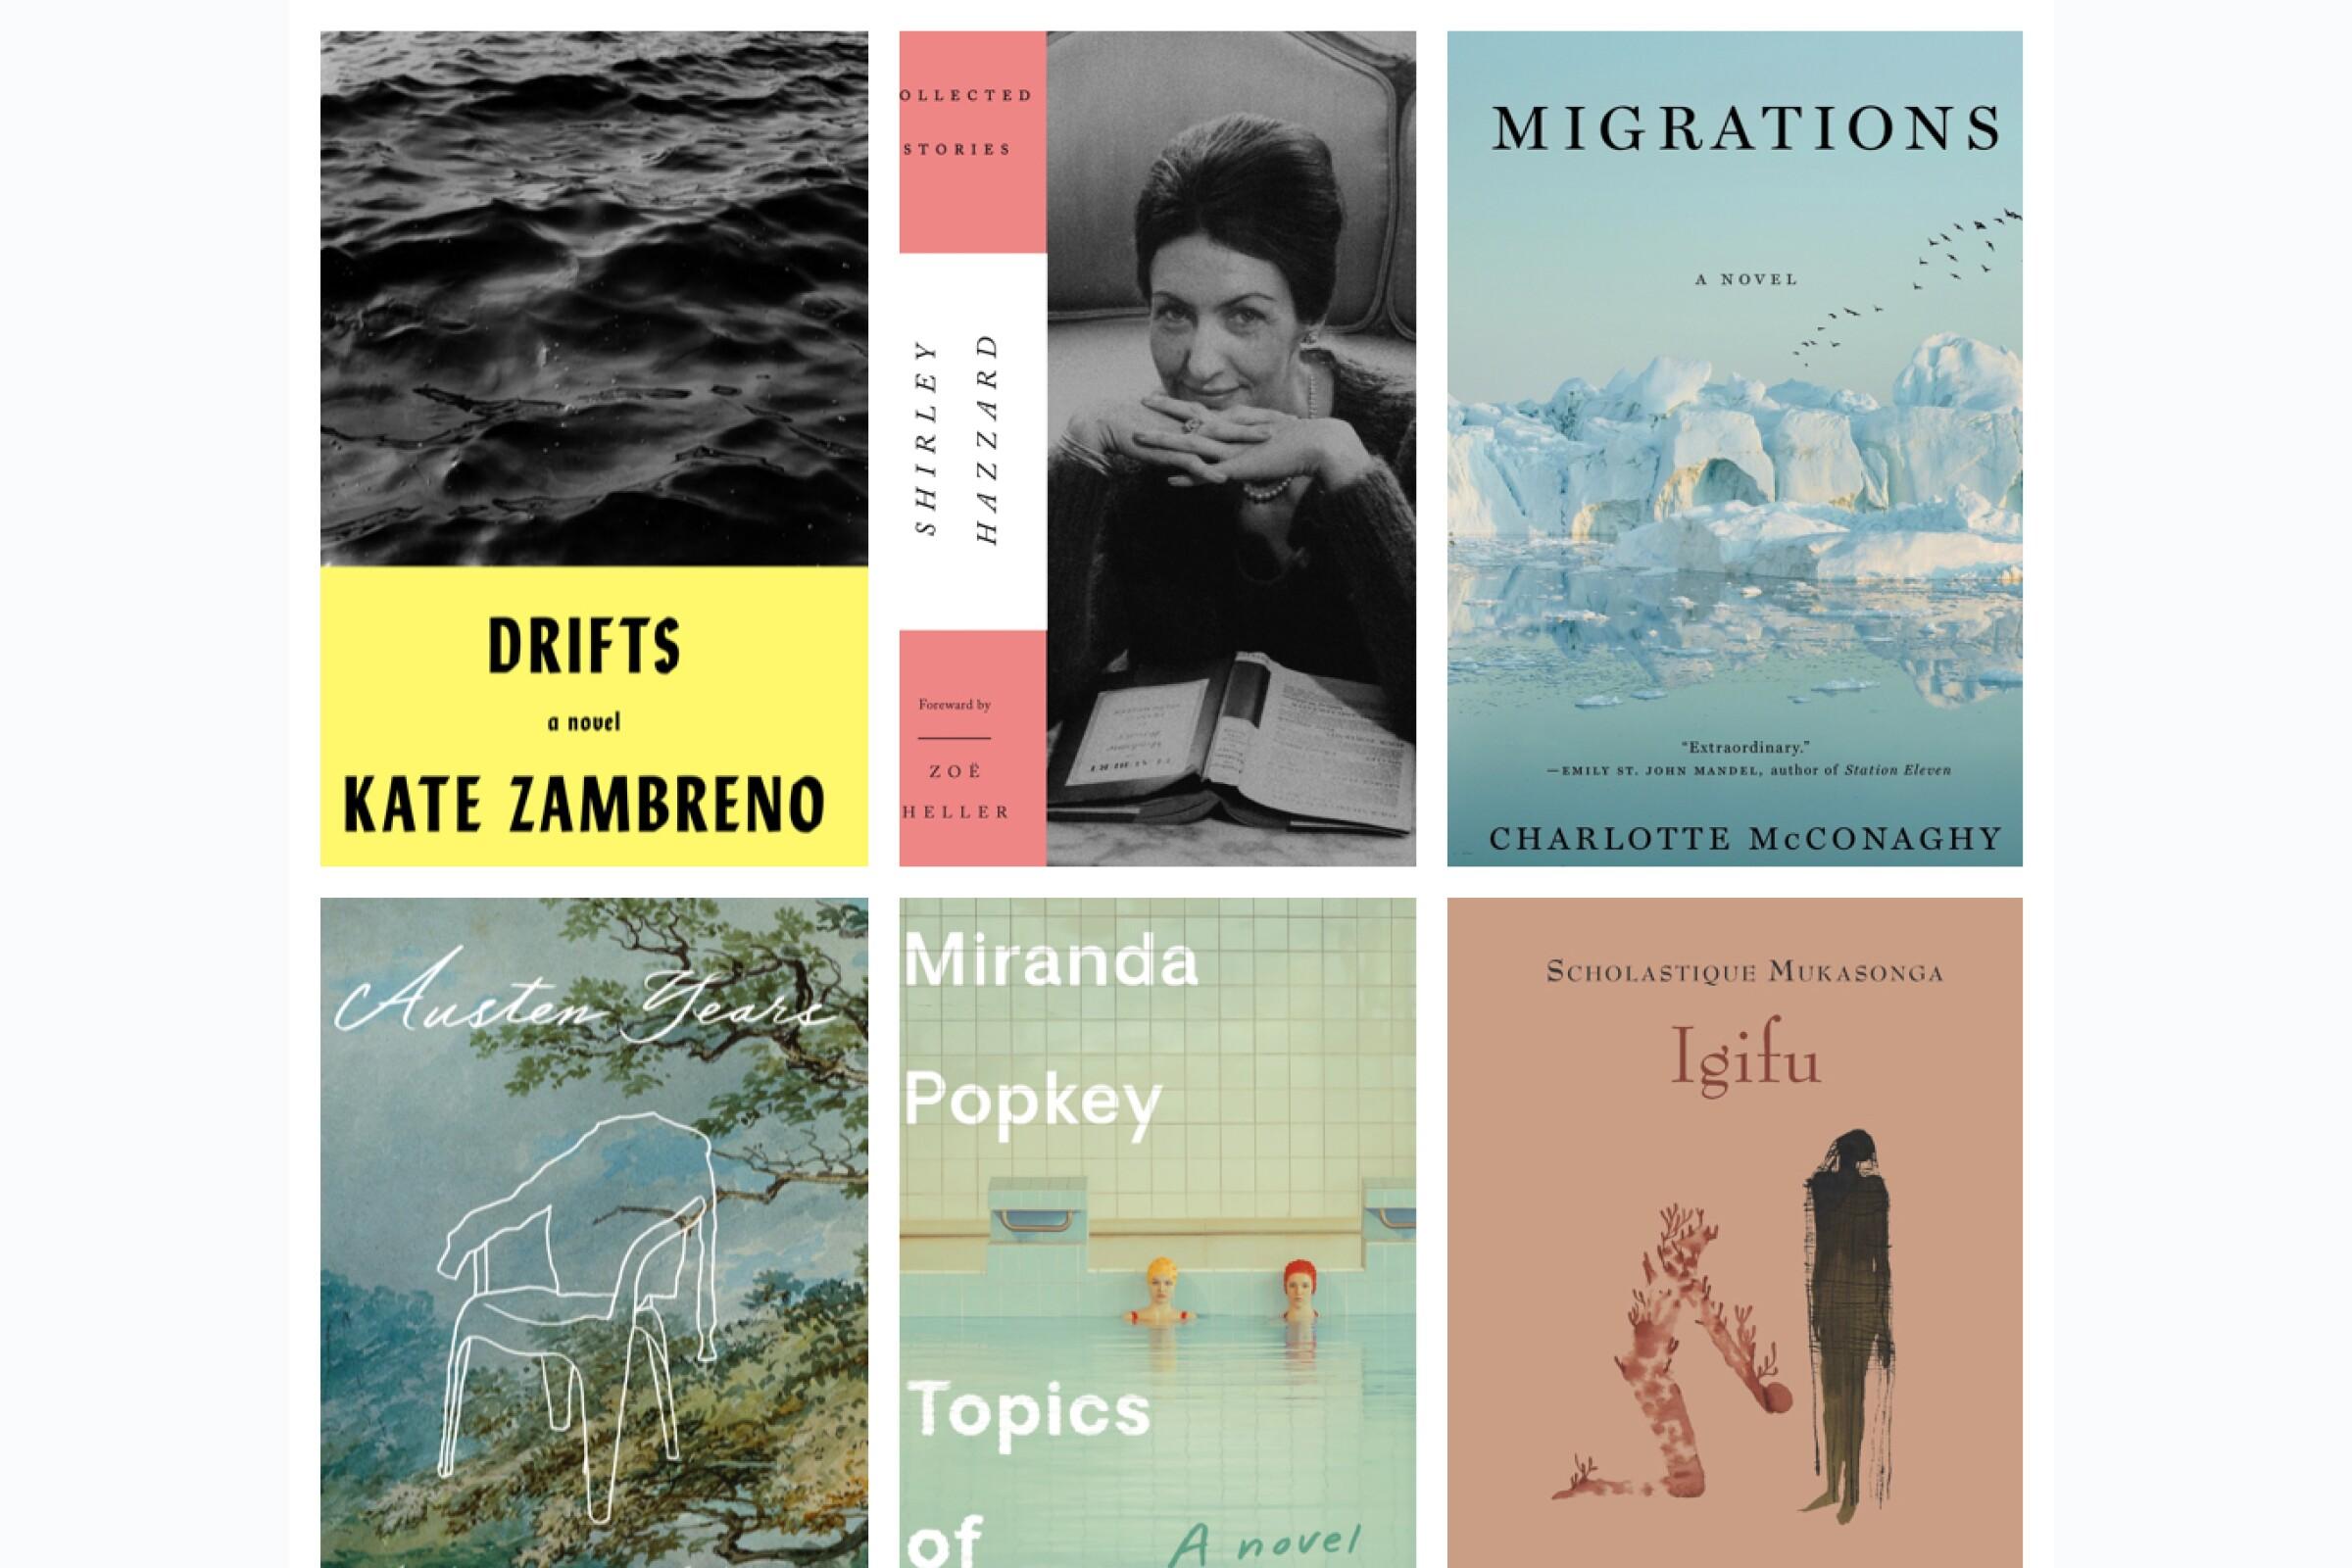 Ten overlooked books